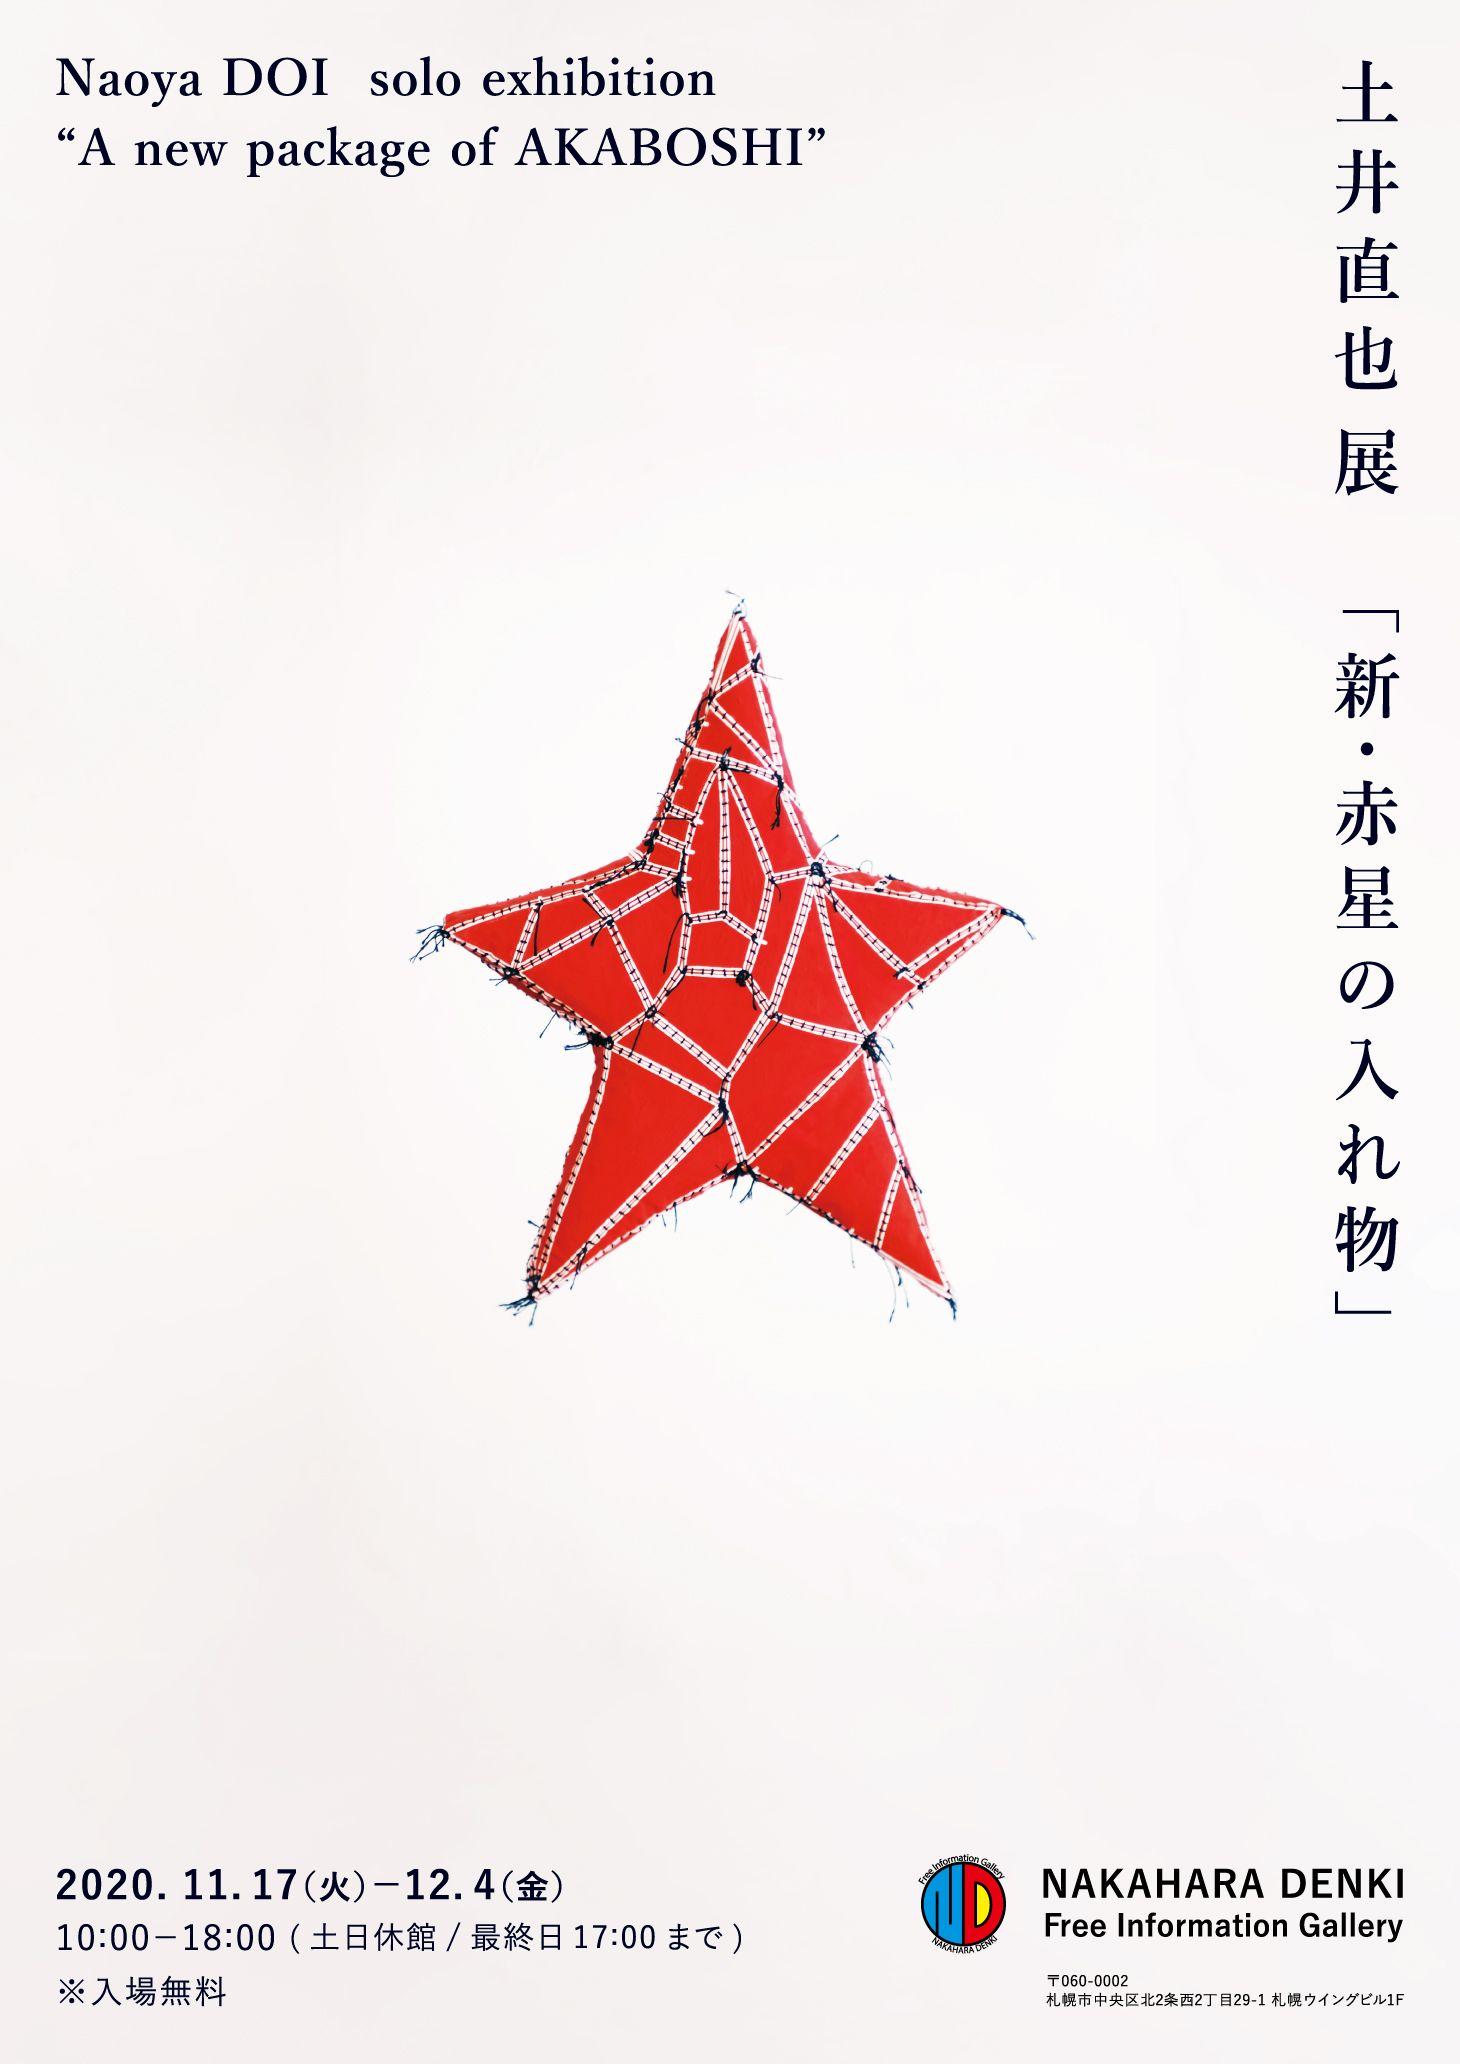 土井直也展「新・赤星の入れ物」 イメージ画像